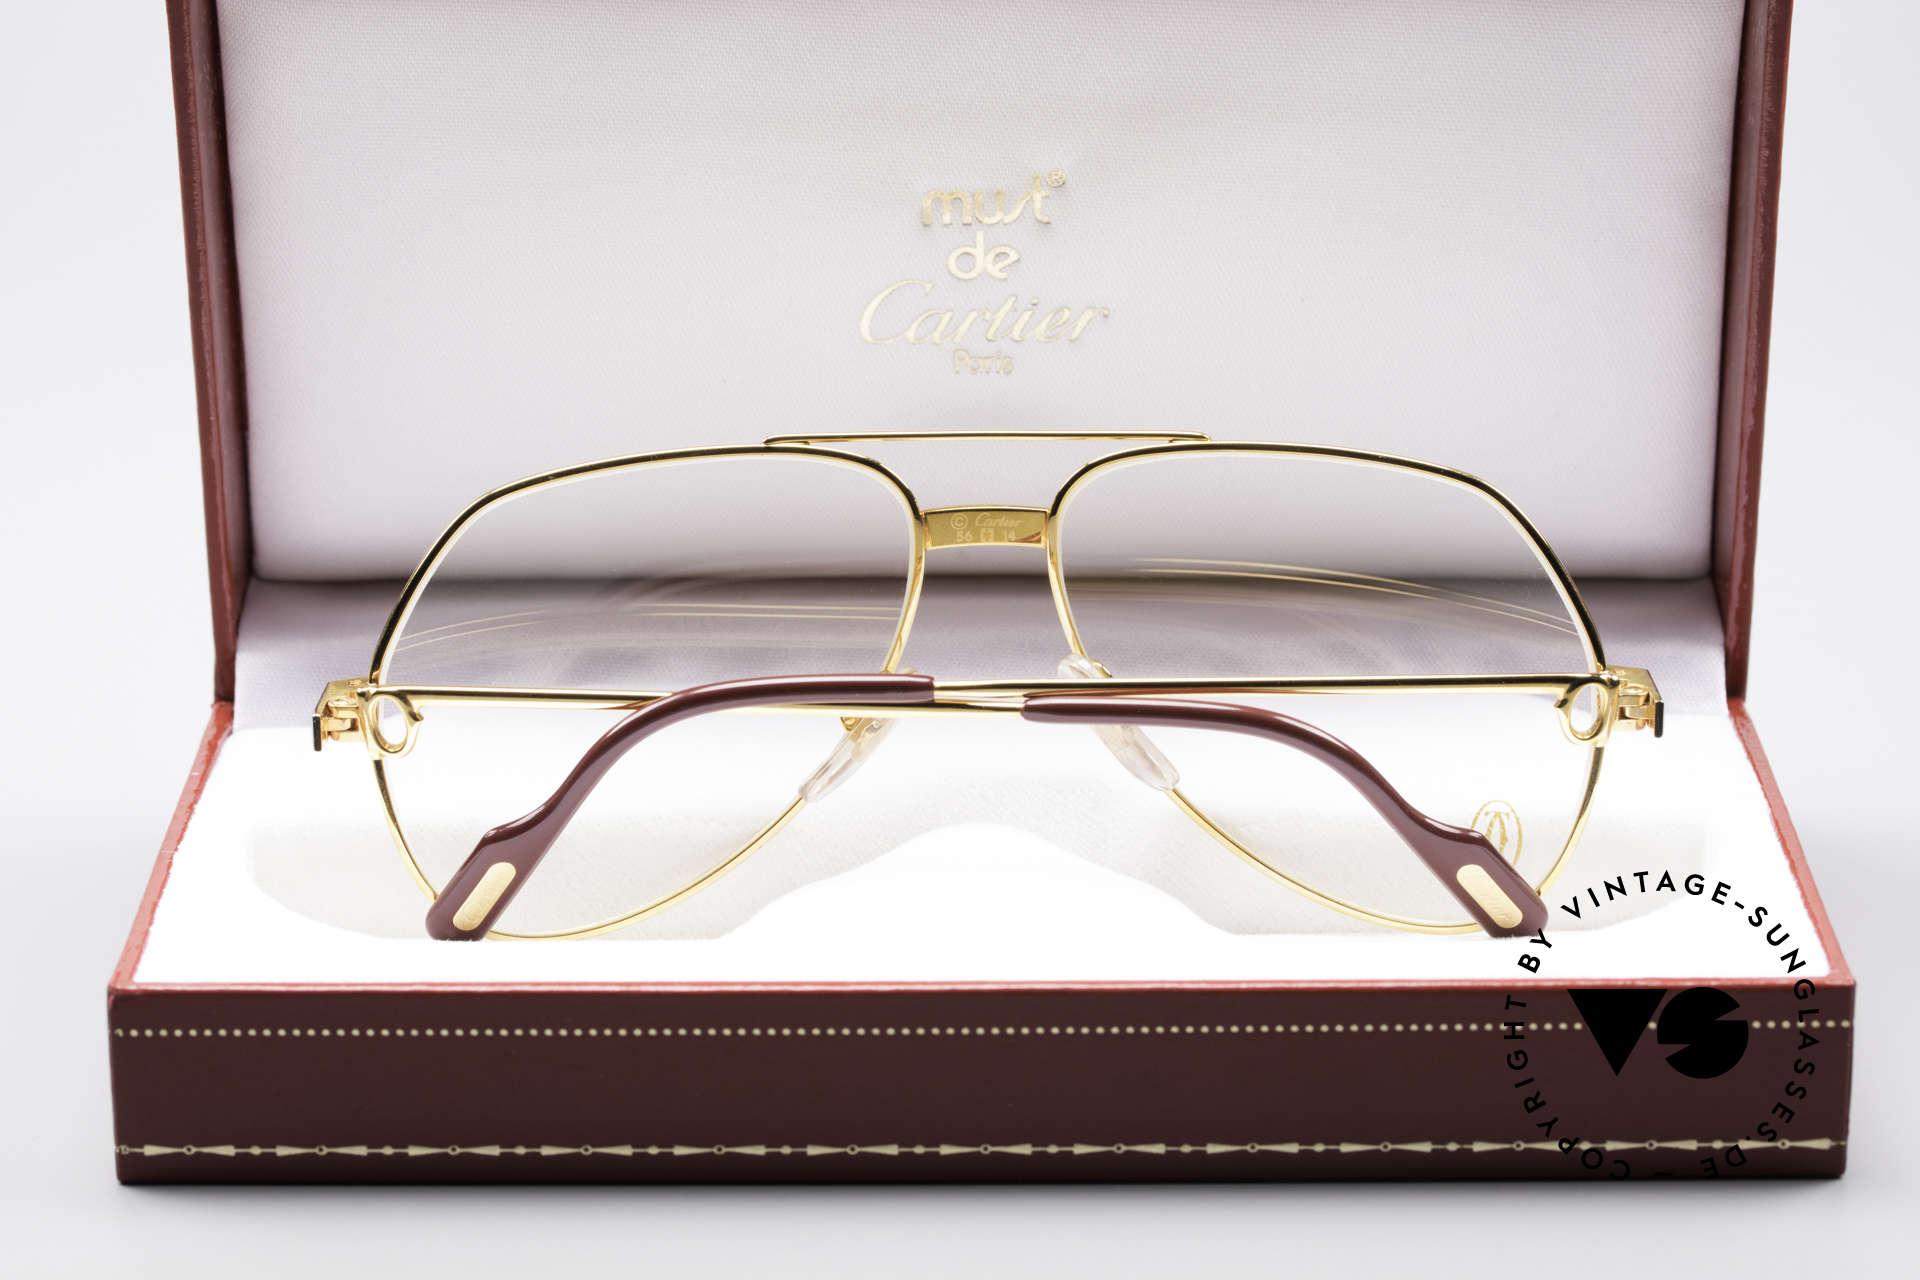 Cartier Vendome Santos - S James Bond Brille 80er Jahre, ungetragen mit original Verpackung (ein Sammlerstück), Passend für Herren und Damen